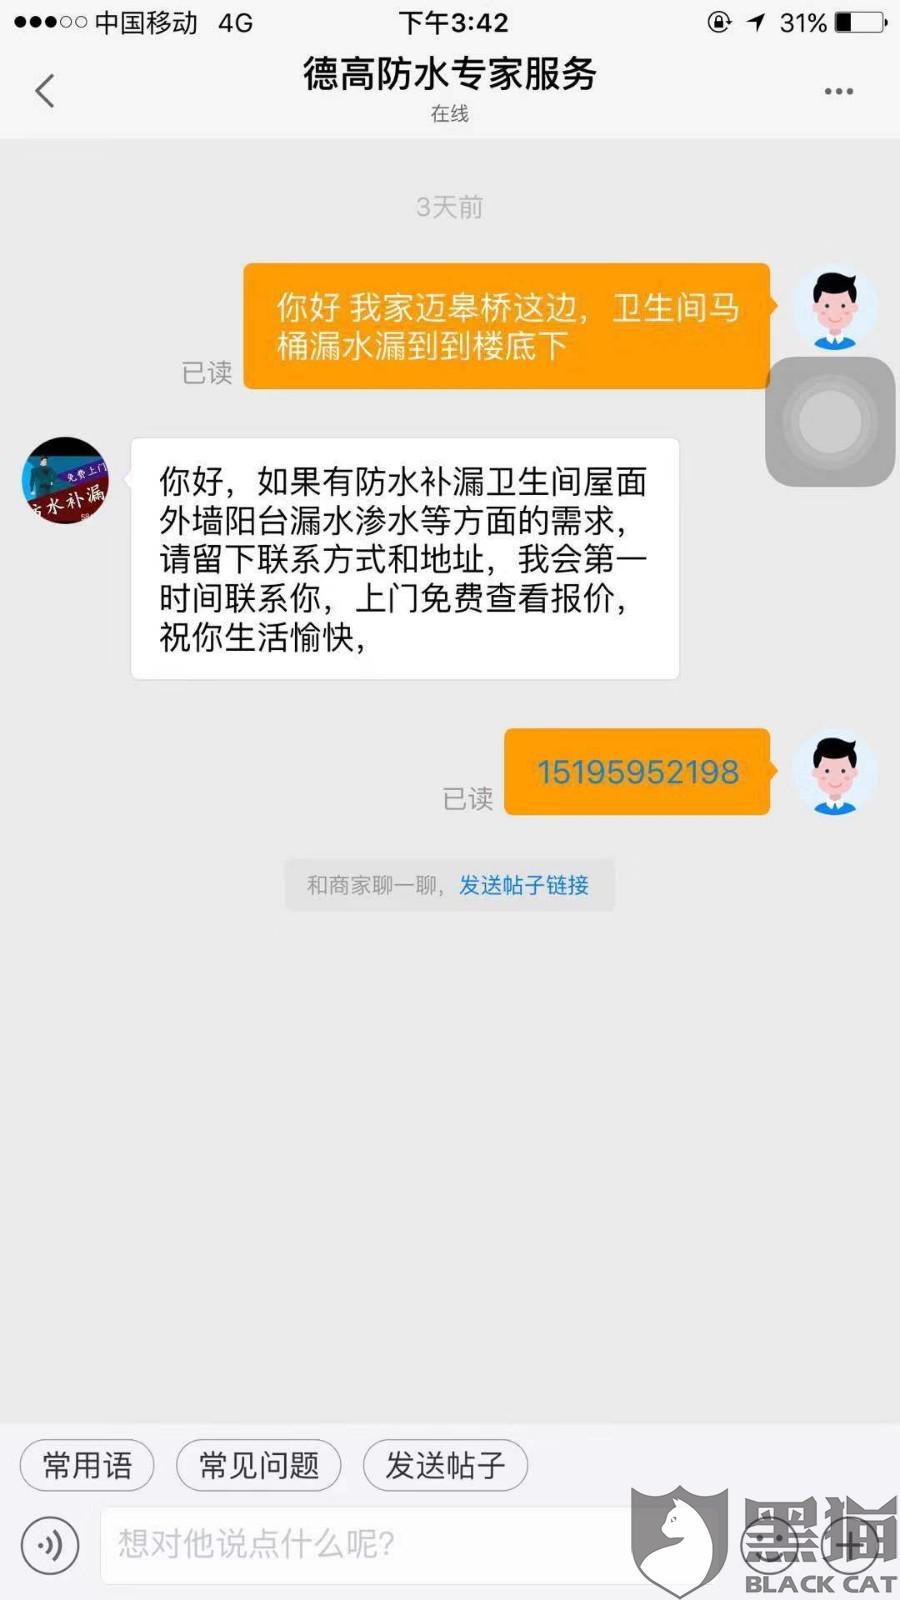 黑猫投诉:误入防水骗局,58同城南京本地服务高价被骗